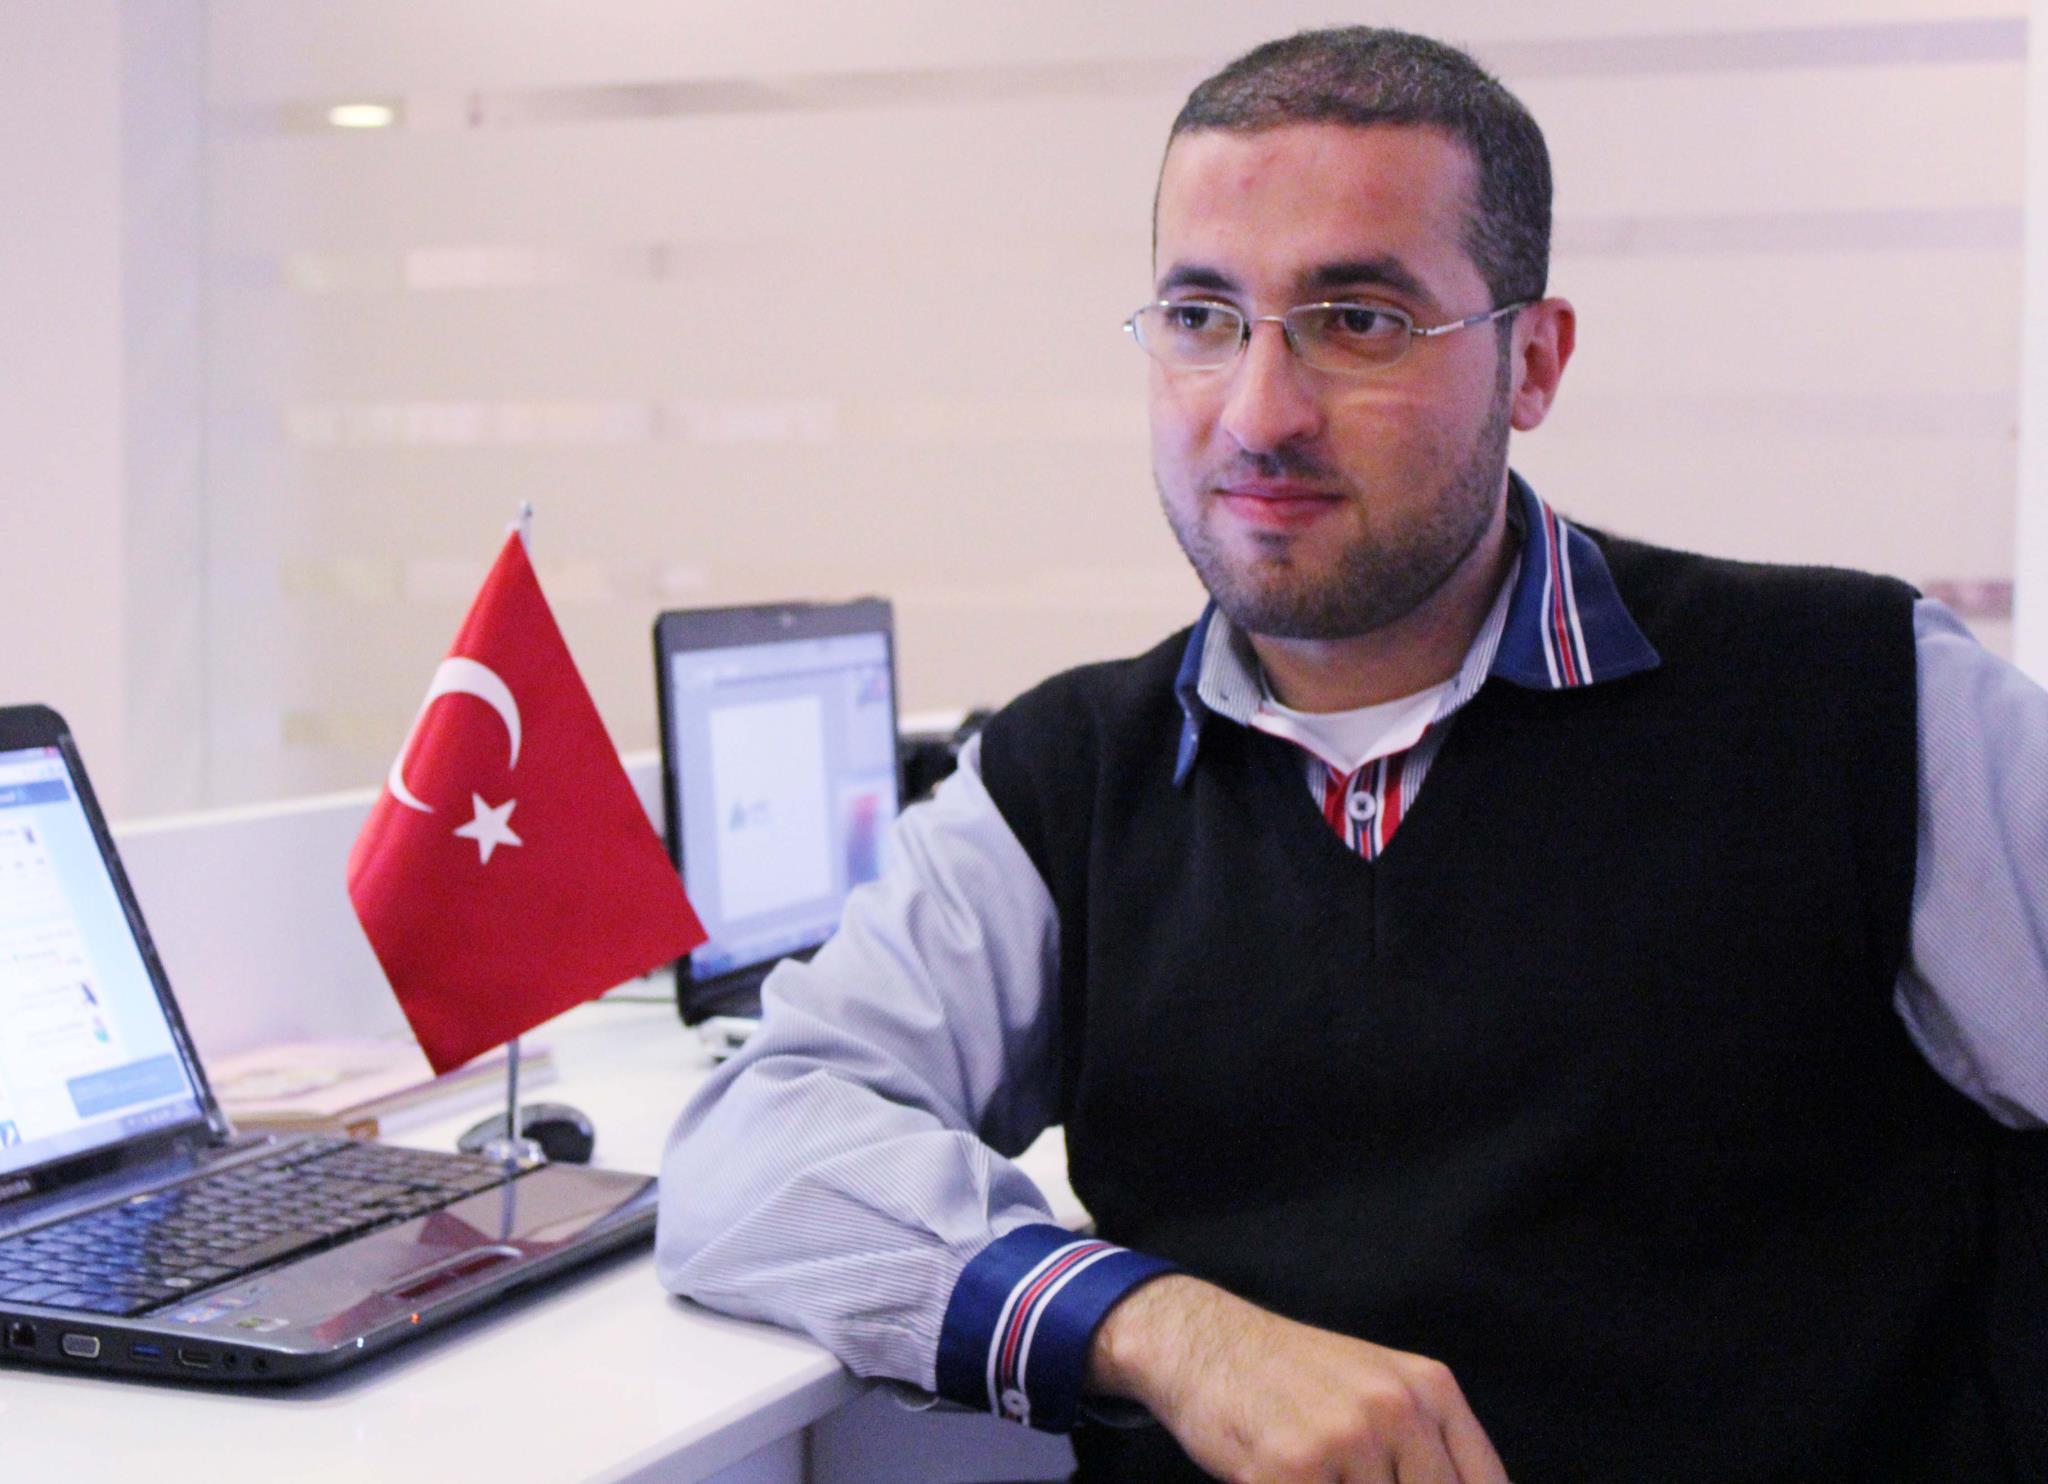 من الفائز بالانتخابات في إسطنبول